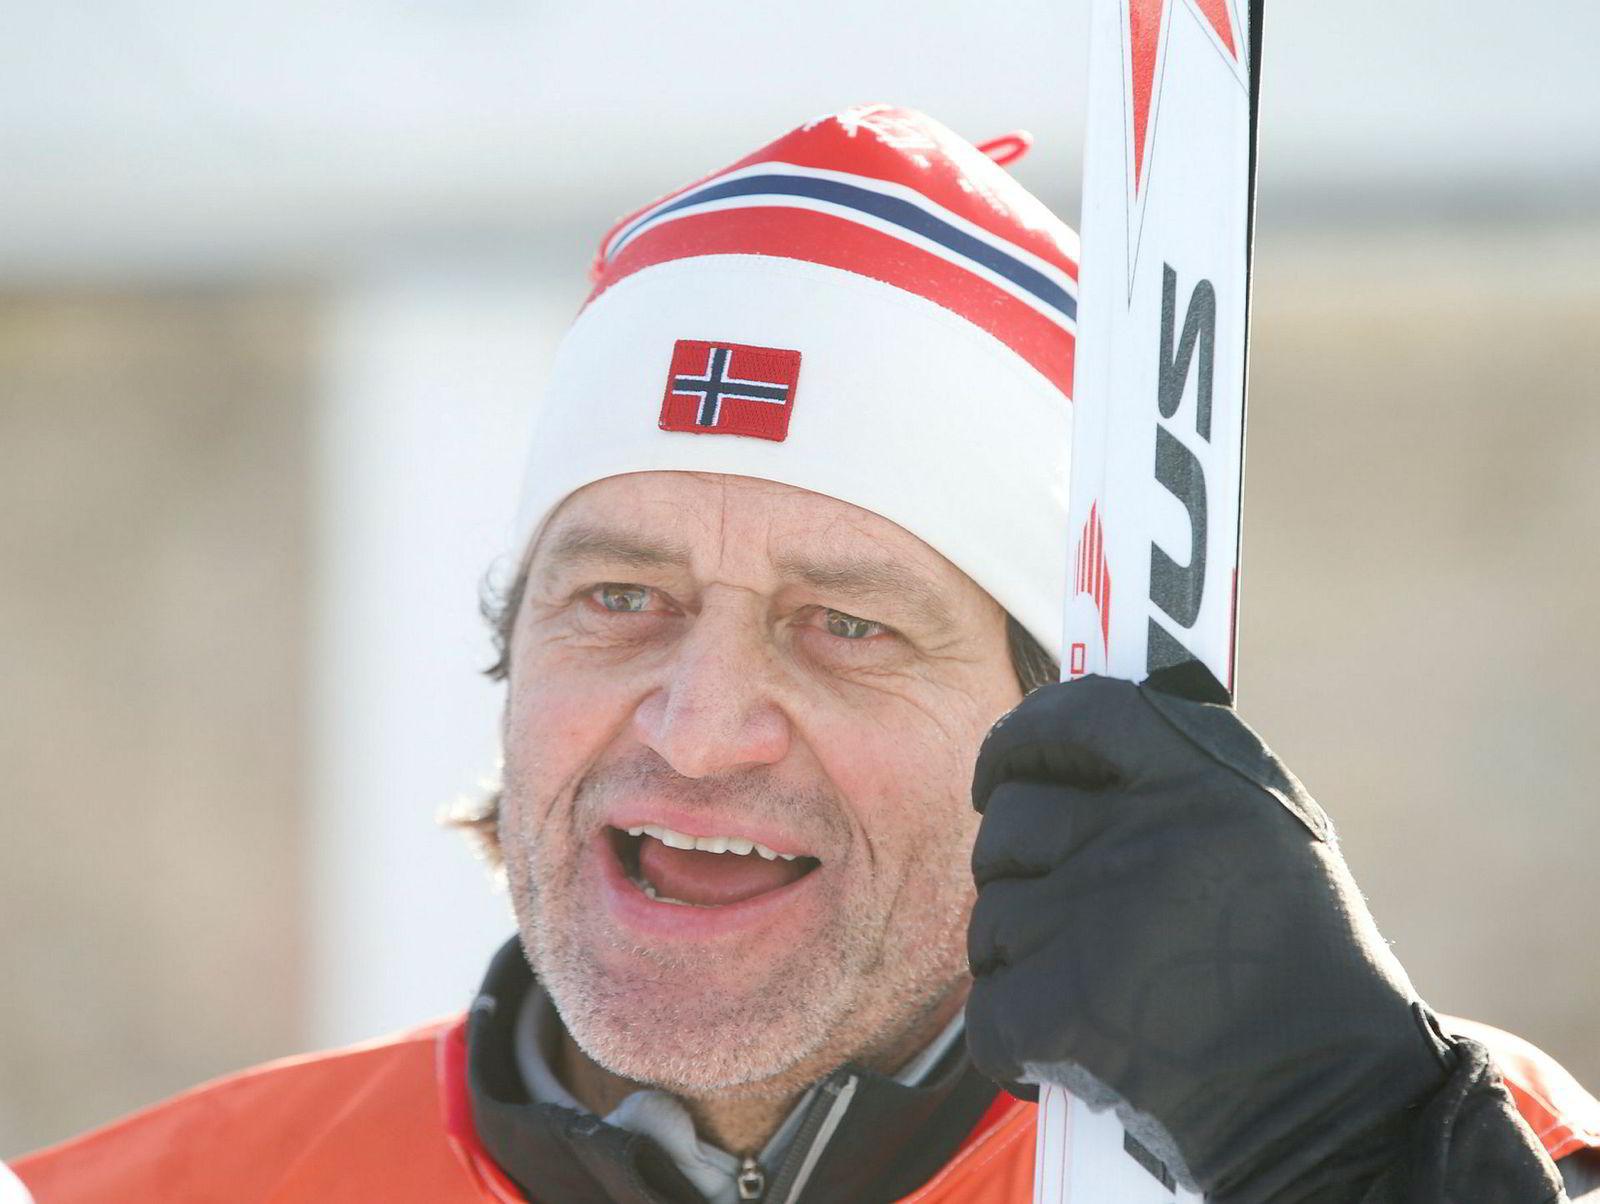 Langrennsekspert Torgeir Bjørn går mye på ski i løpet av sesongen og tøyer sesongen langt utover i mai. Her på jobb for NRK under Tour de Ski sist vinter.